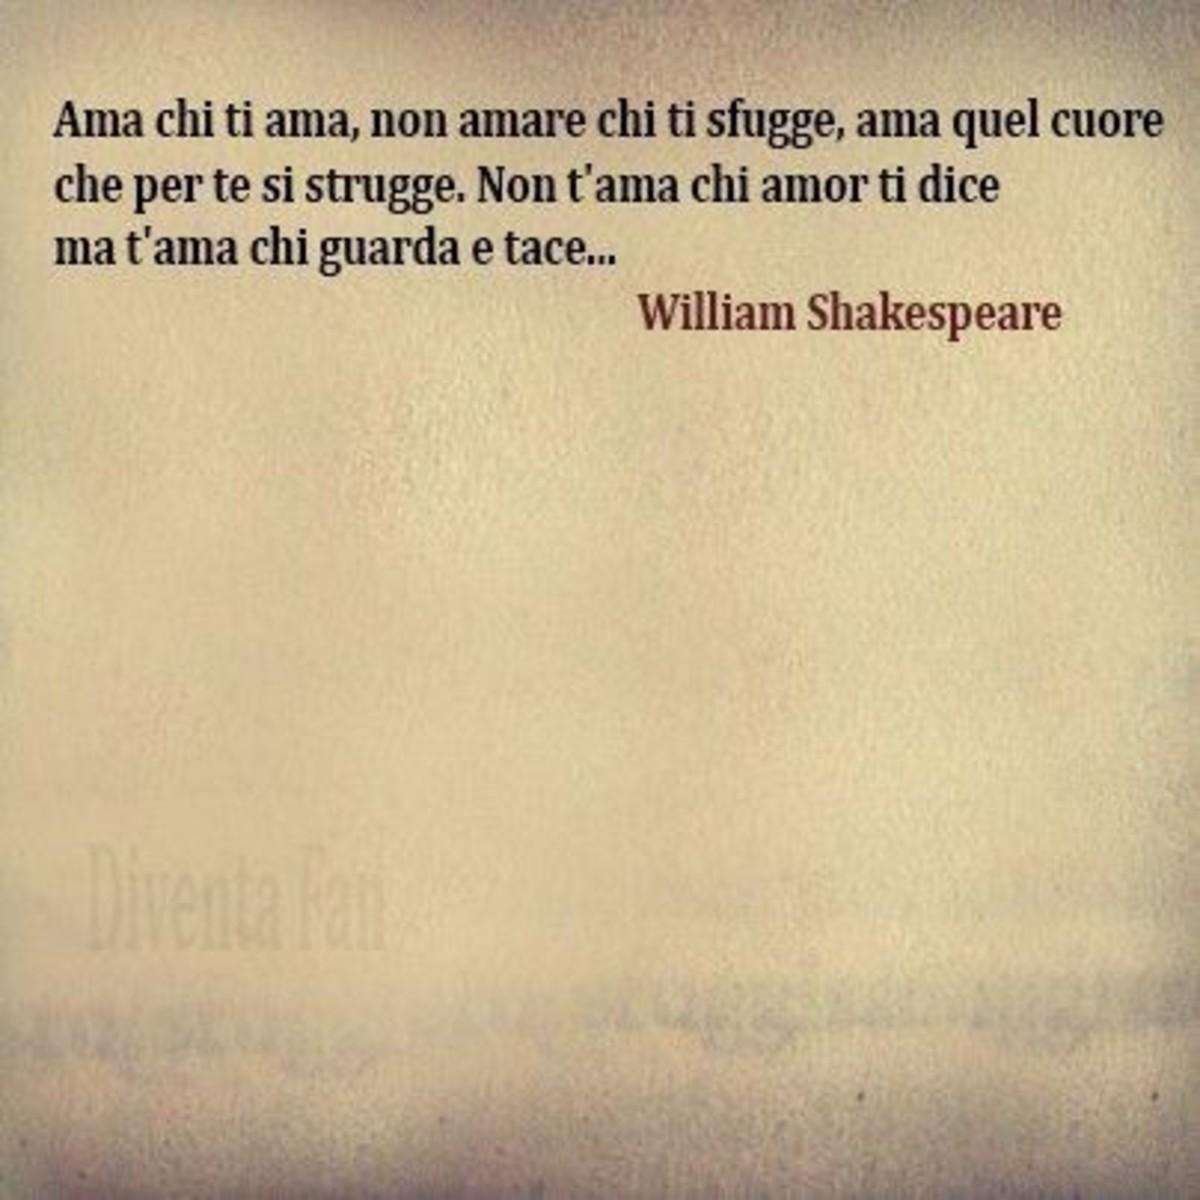 Frasi Sull Amore Di William Shakespeare Buongiornoate It